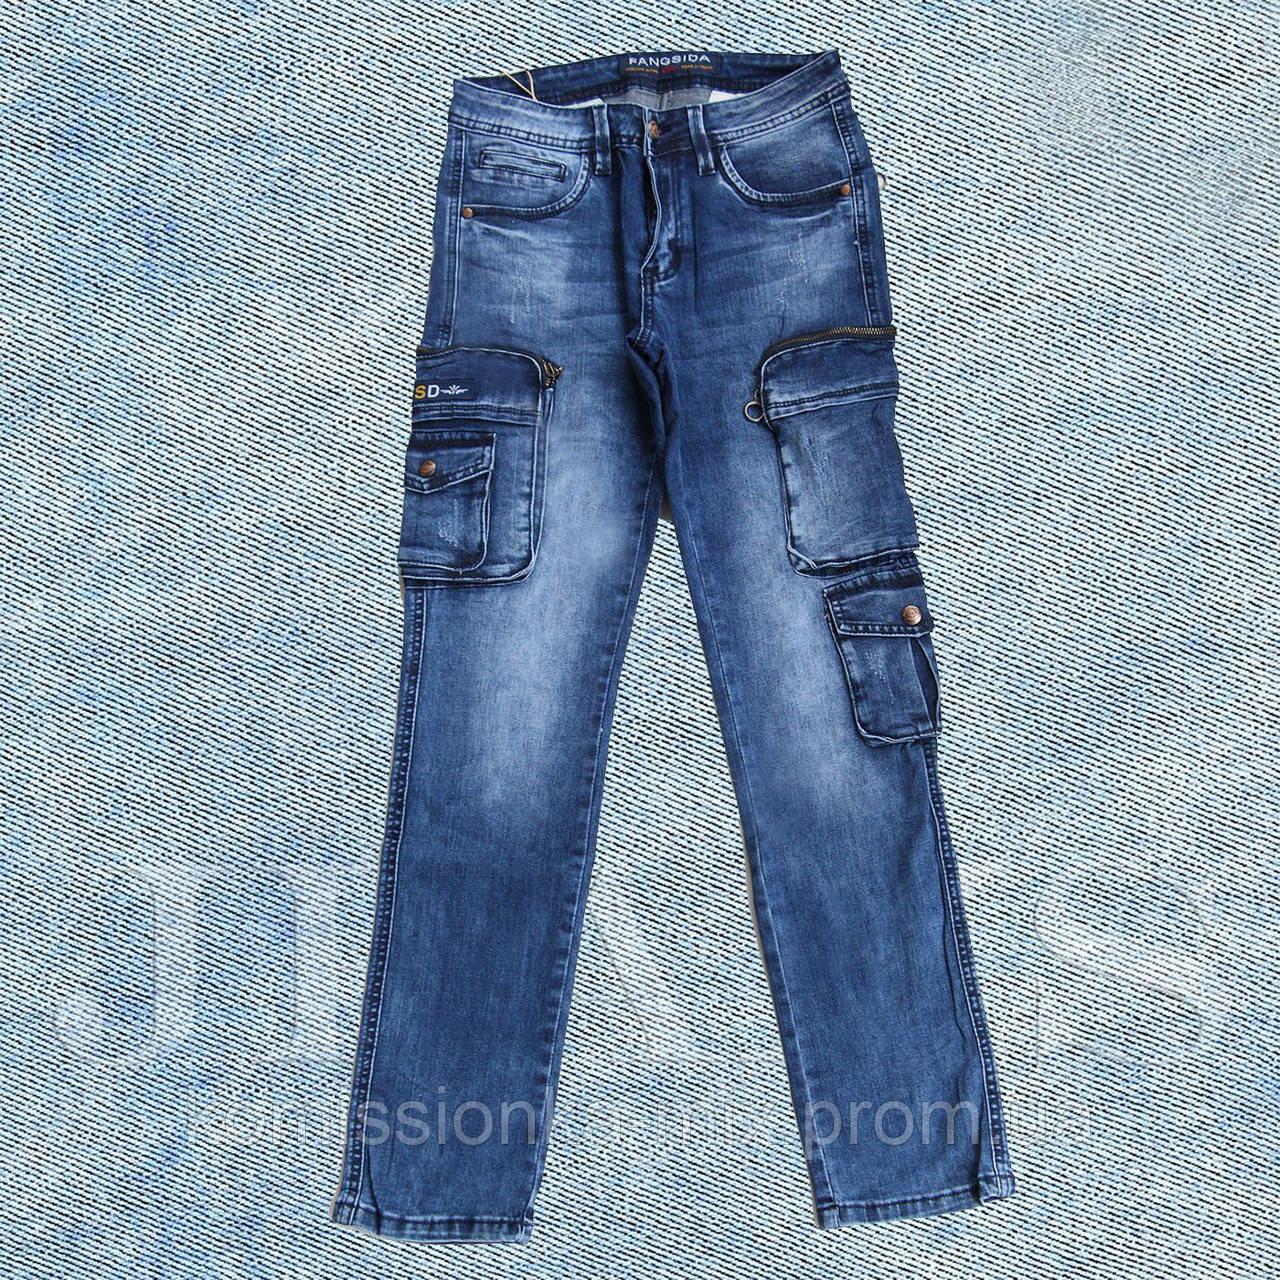 Джинсы мужские с накладными карманами FANGSIDA размеры 29,30,31,32,34,36